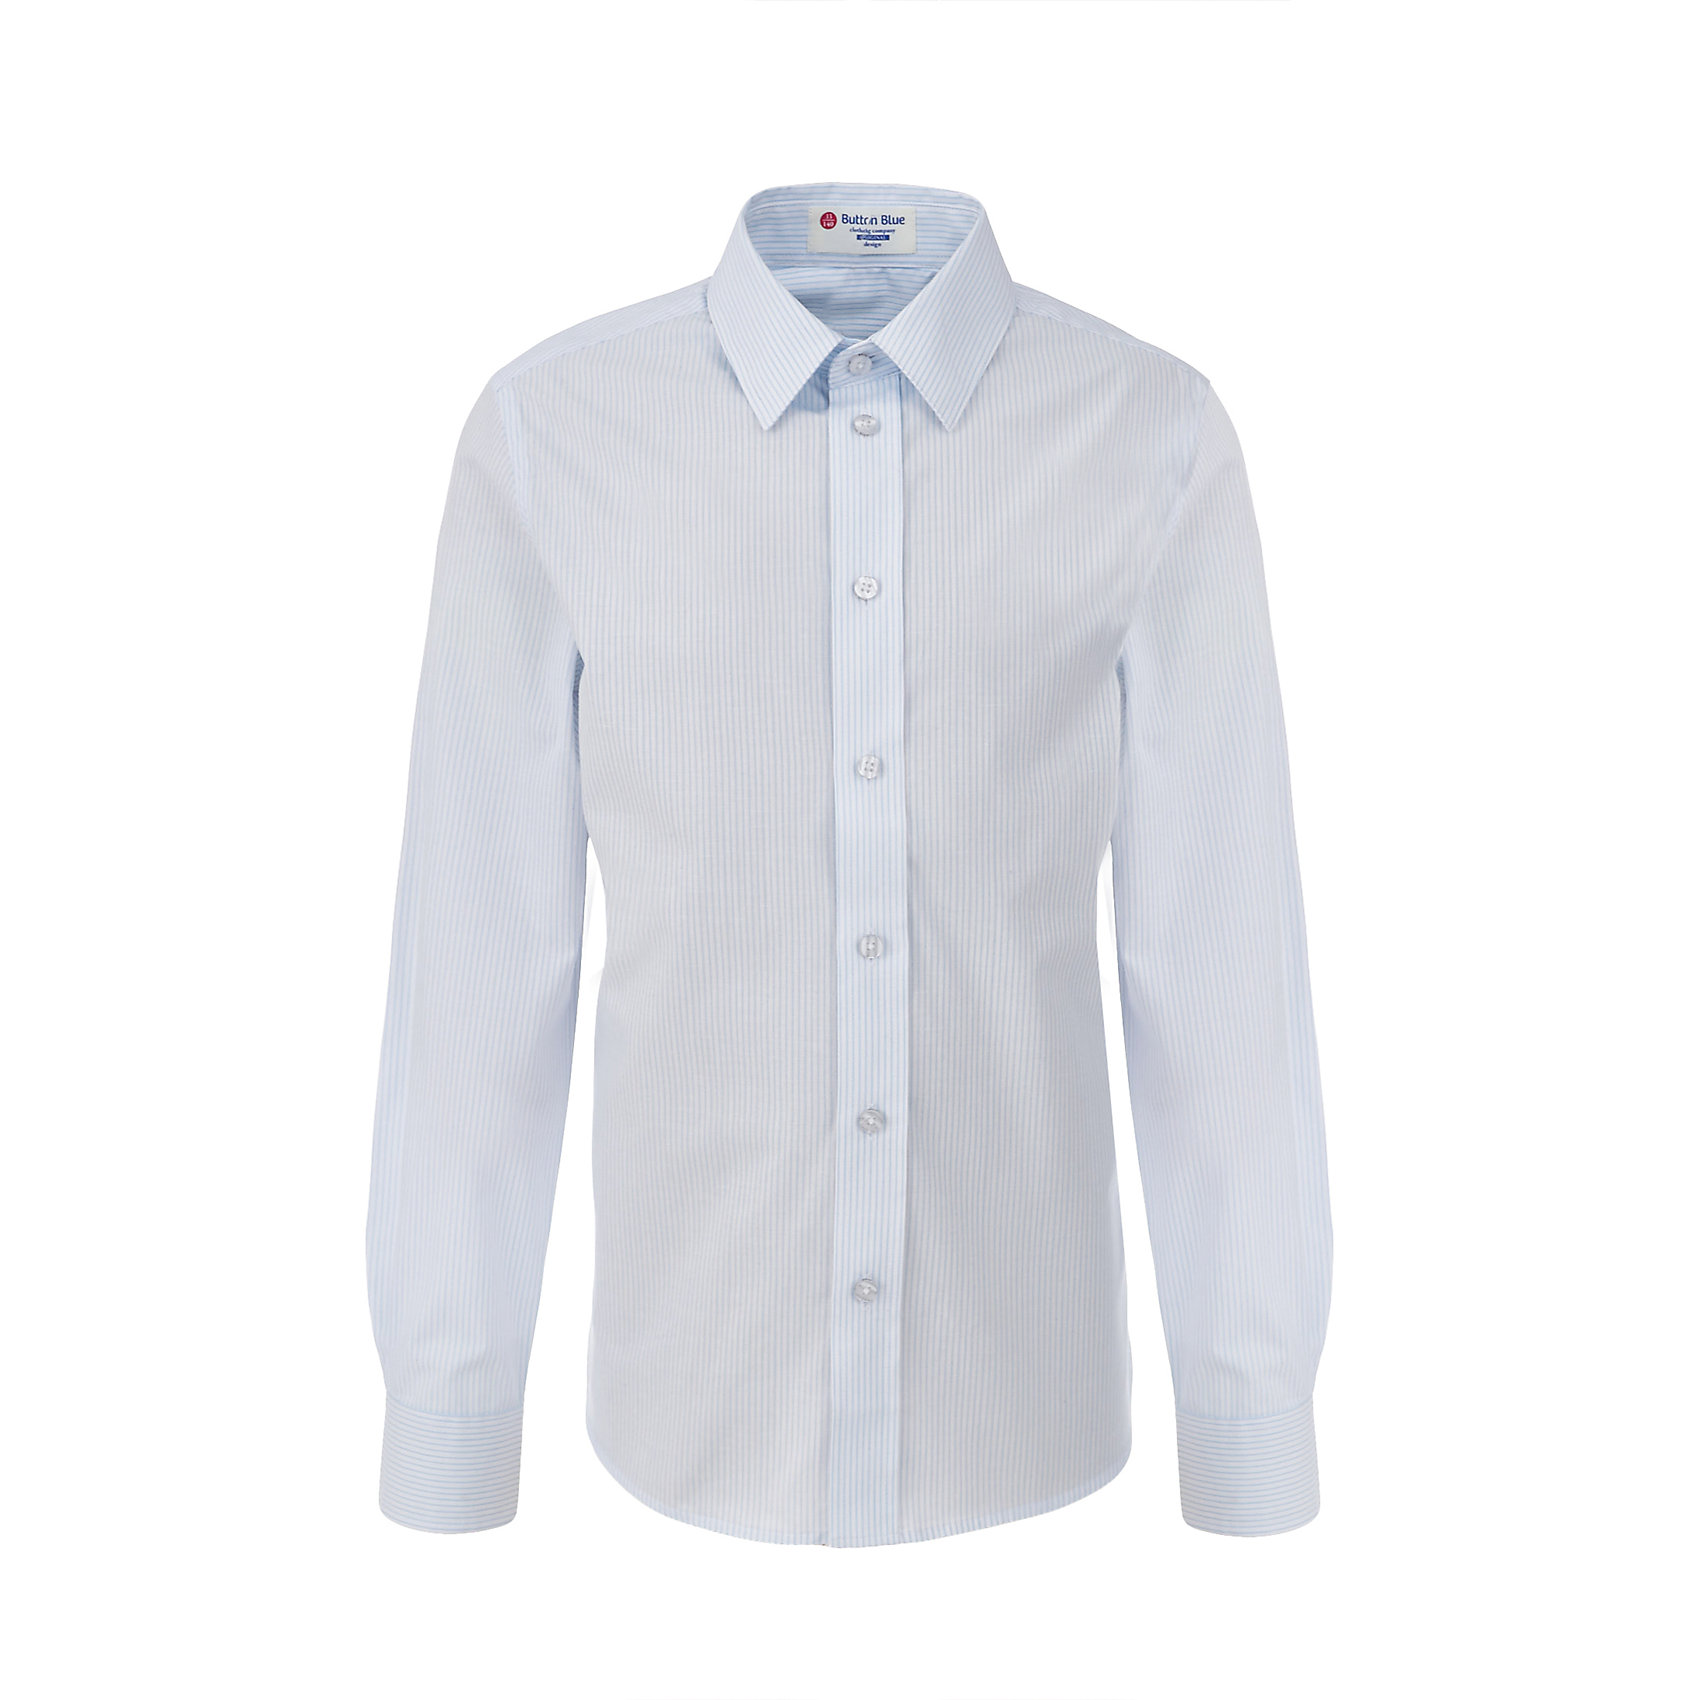 Рубашка для мальчика BUTTON BLUEБлузки и рубашки<br>Рубашка для мальчика BUTTON BLUE<br>Рубашка для мальчика - основа повседневного школьного образа! Школьные рубашки от Button Blue - это качество и комфорт, отличный внешний вид, удобство в уходе, высокая износостойкость. Какая детская рубашка для школы займет место в гардеробе вашего ребенка - зависит только от вас! Готовясь к школьному сезону, вам стоит купить рубашки в трех-четырех цветах, чтобы разнообразить будни ученика.<br>Состав:<br>60% хлопок                40% полиэстер<br><br>Ширина мм: 174<br>Глубина мм: 10<br>Высота мм: 169<br>Вес г: 157<br>Цвет: белый<br>Возраст от месяцев: 156<br>Возраст до месяцев: 168<br>Пол: Мужской<br>Возраст: Детский<br>Размер: 164,122,128,134,140,146,152,158<br>SKU: 6739117